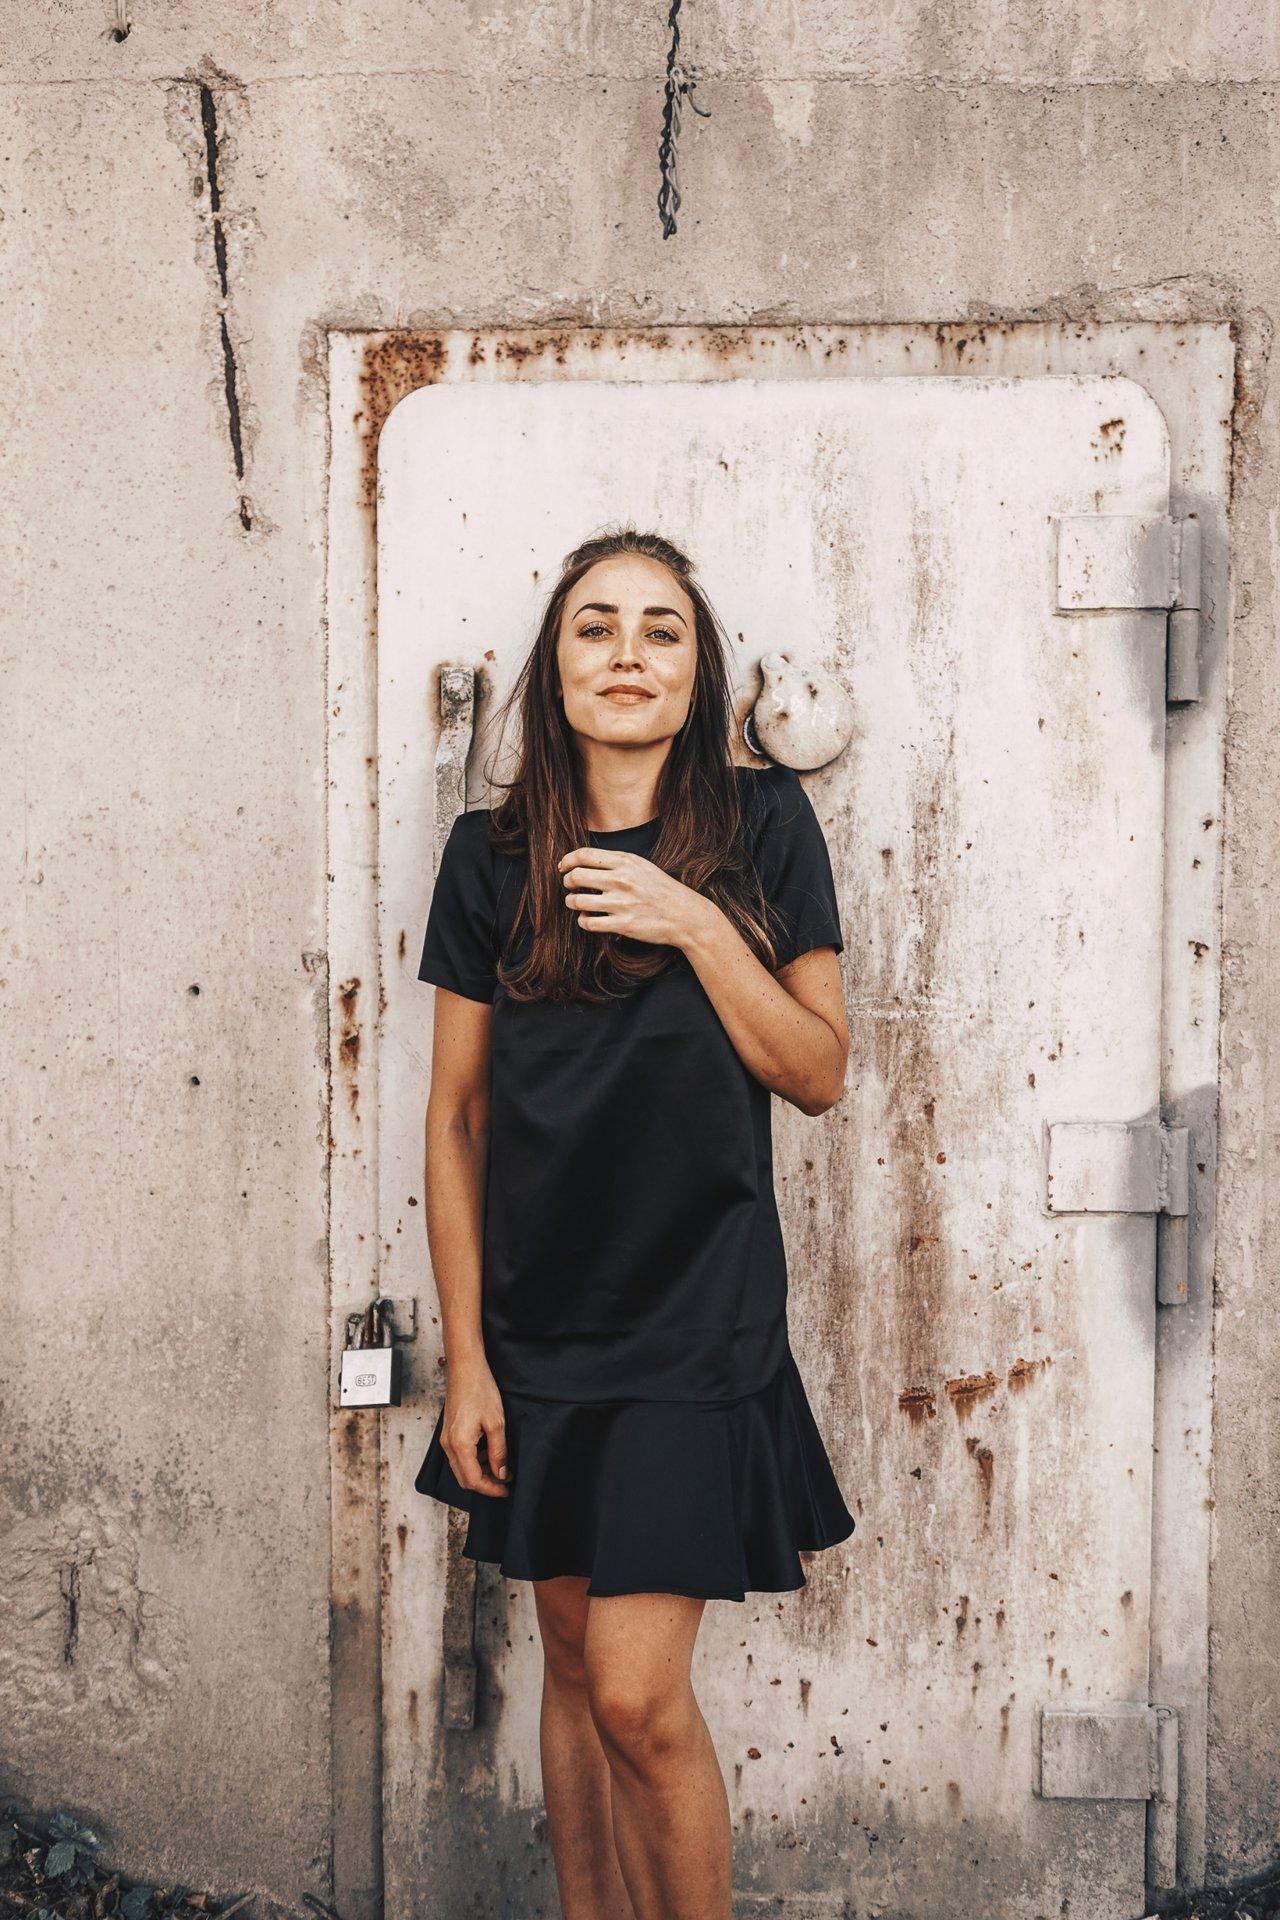 BLACK DRESS OUTFIT (8 av 10)